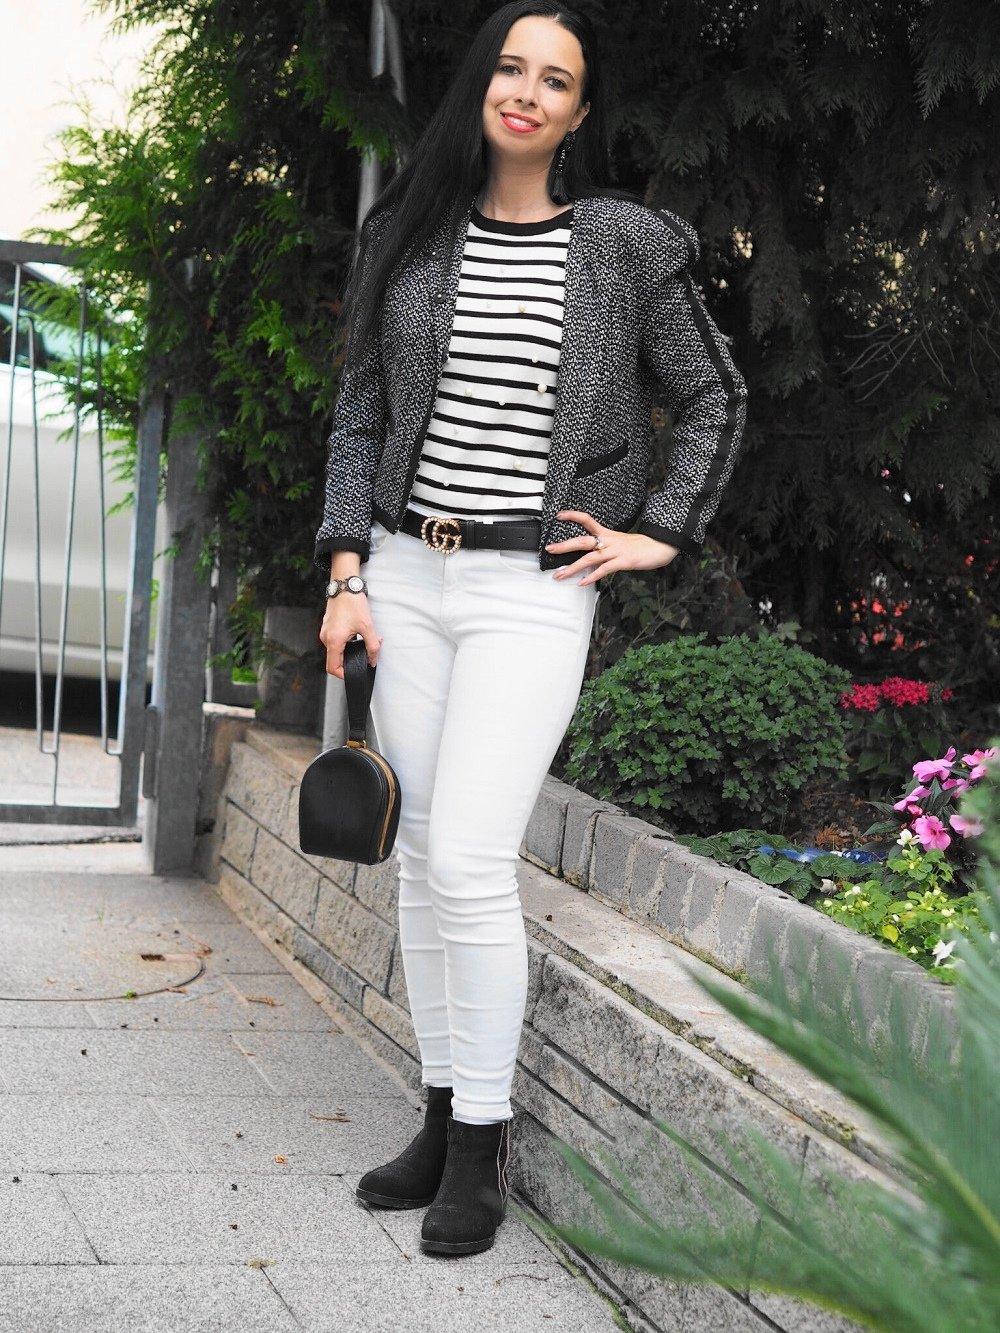 Heute zeige ich auf meinem Blog ein OOTD mit Streifenshirt, Skinnyjeans und Gucci GG Gürtel und erzähle euch etwas von der Modegeschichte des Streifenshirts